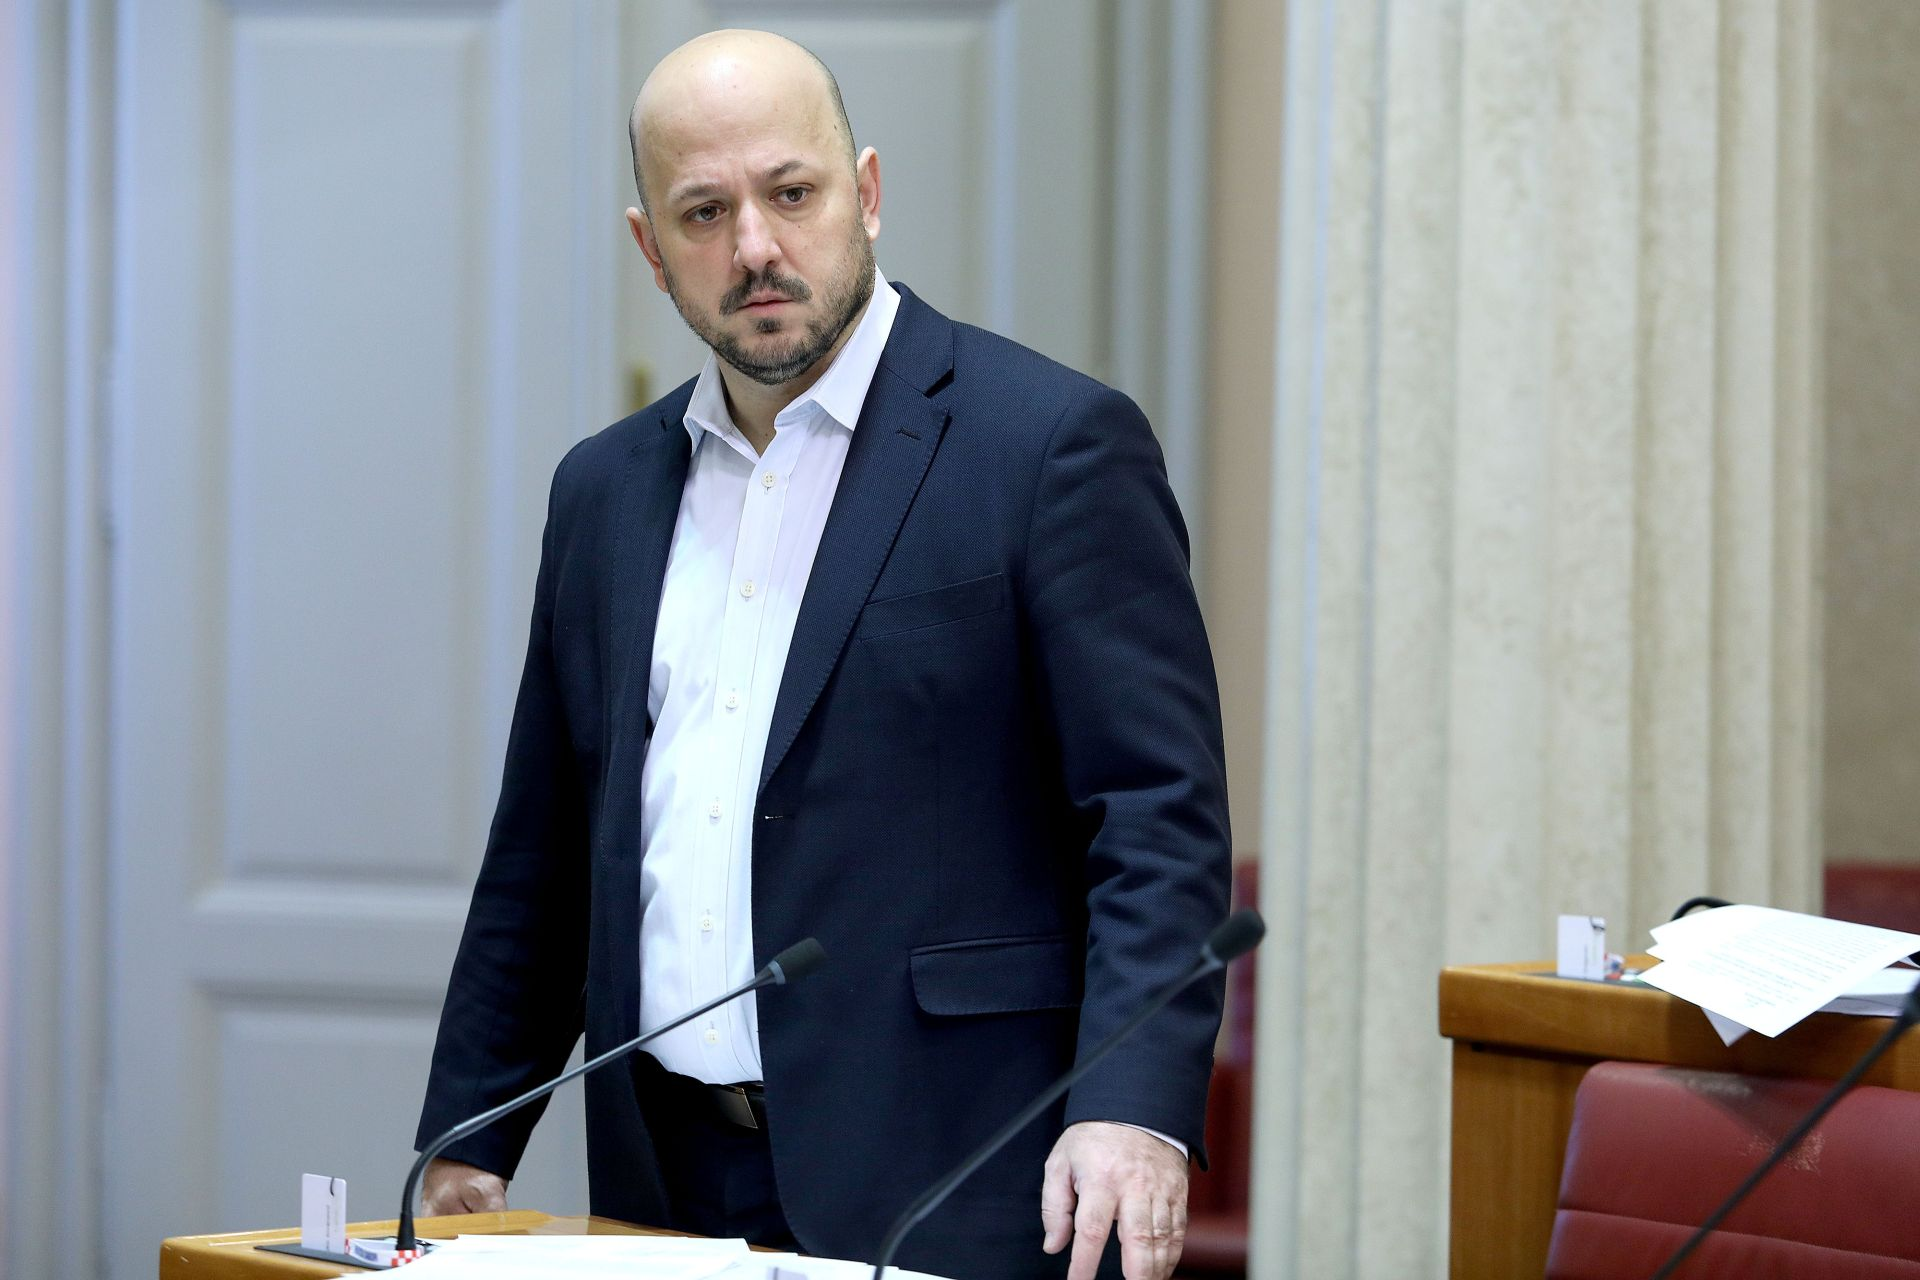 MARAS SE OKOMIO NA HRT: 'Medijski prikrivaju novu štetu koju nam HDZ želi nanijeti'